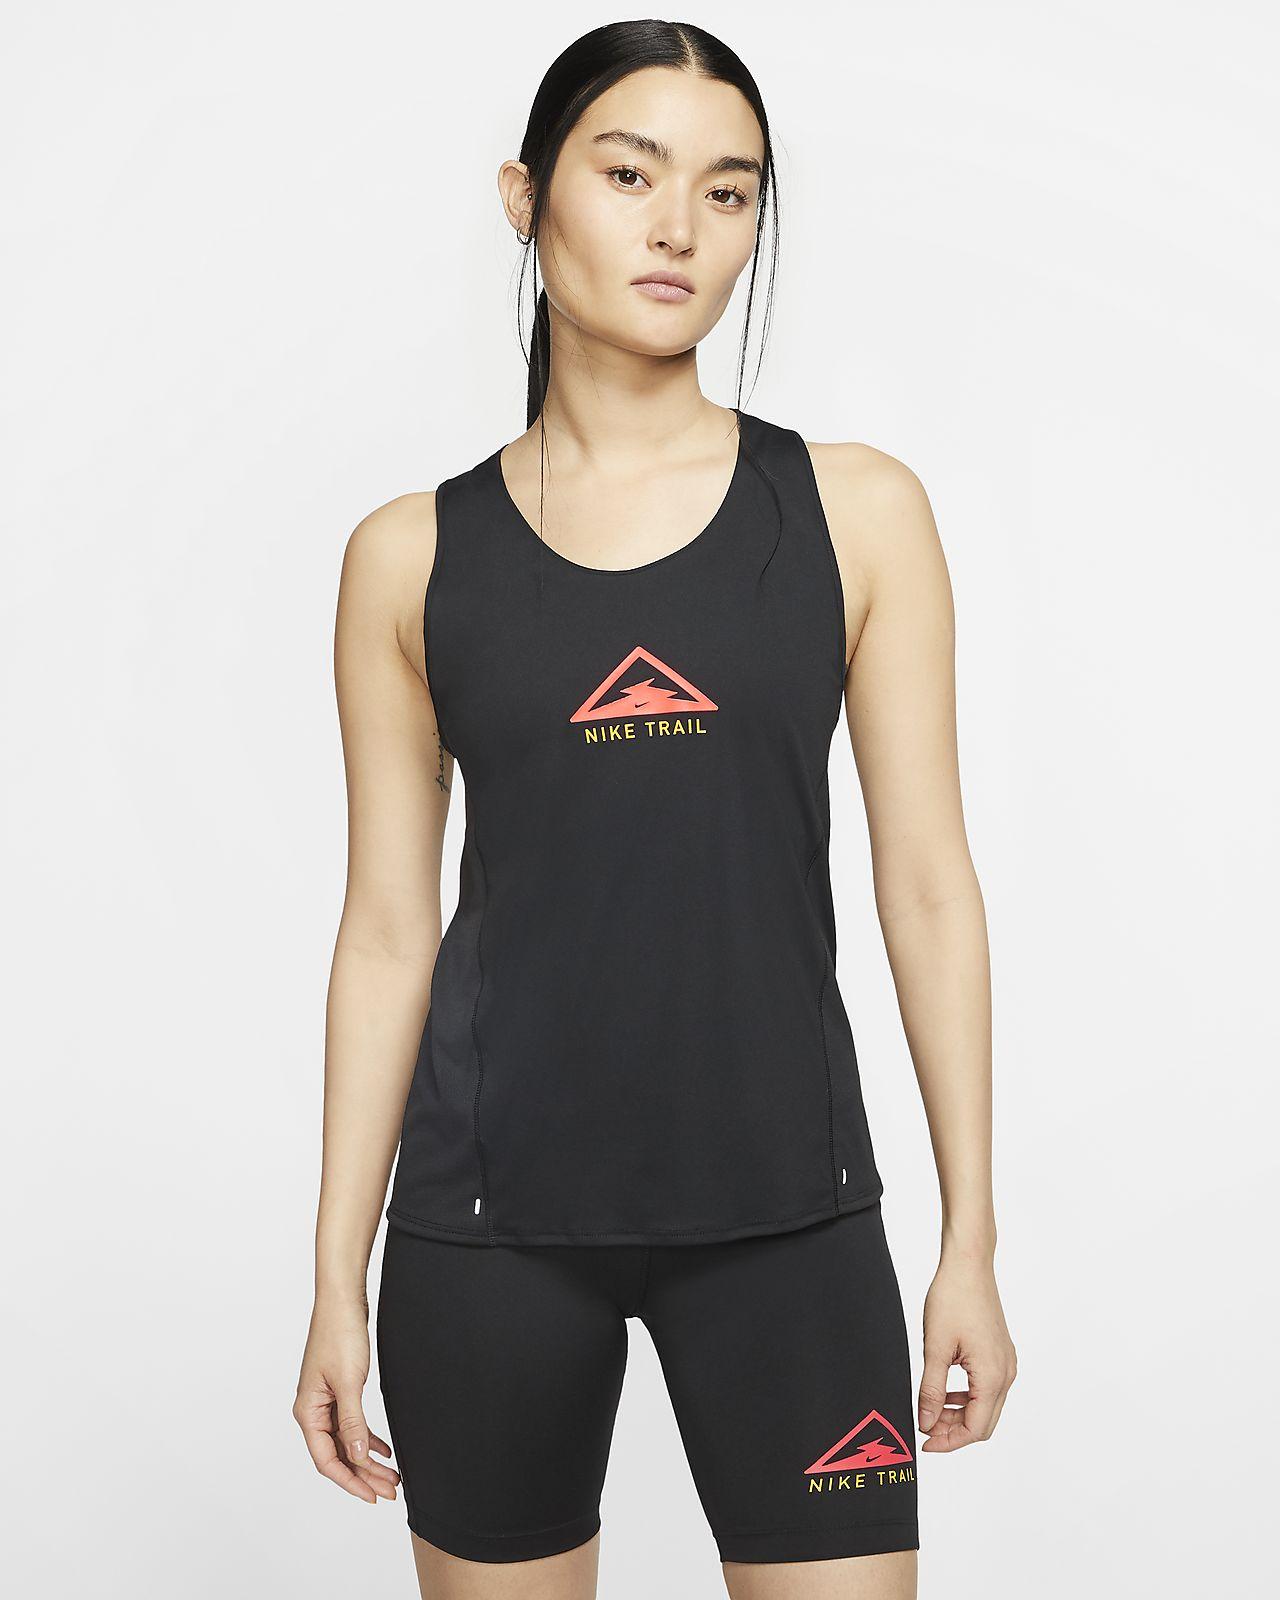 เสื้อกล้ามวิ่งเทรลผู้หญิง Nike City Sleek